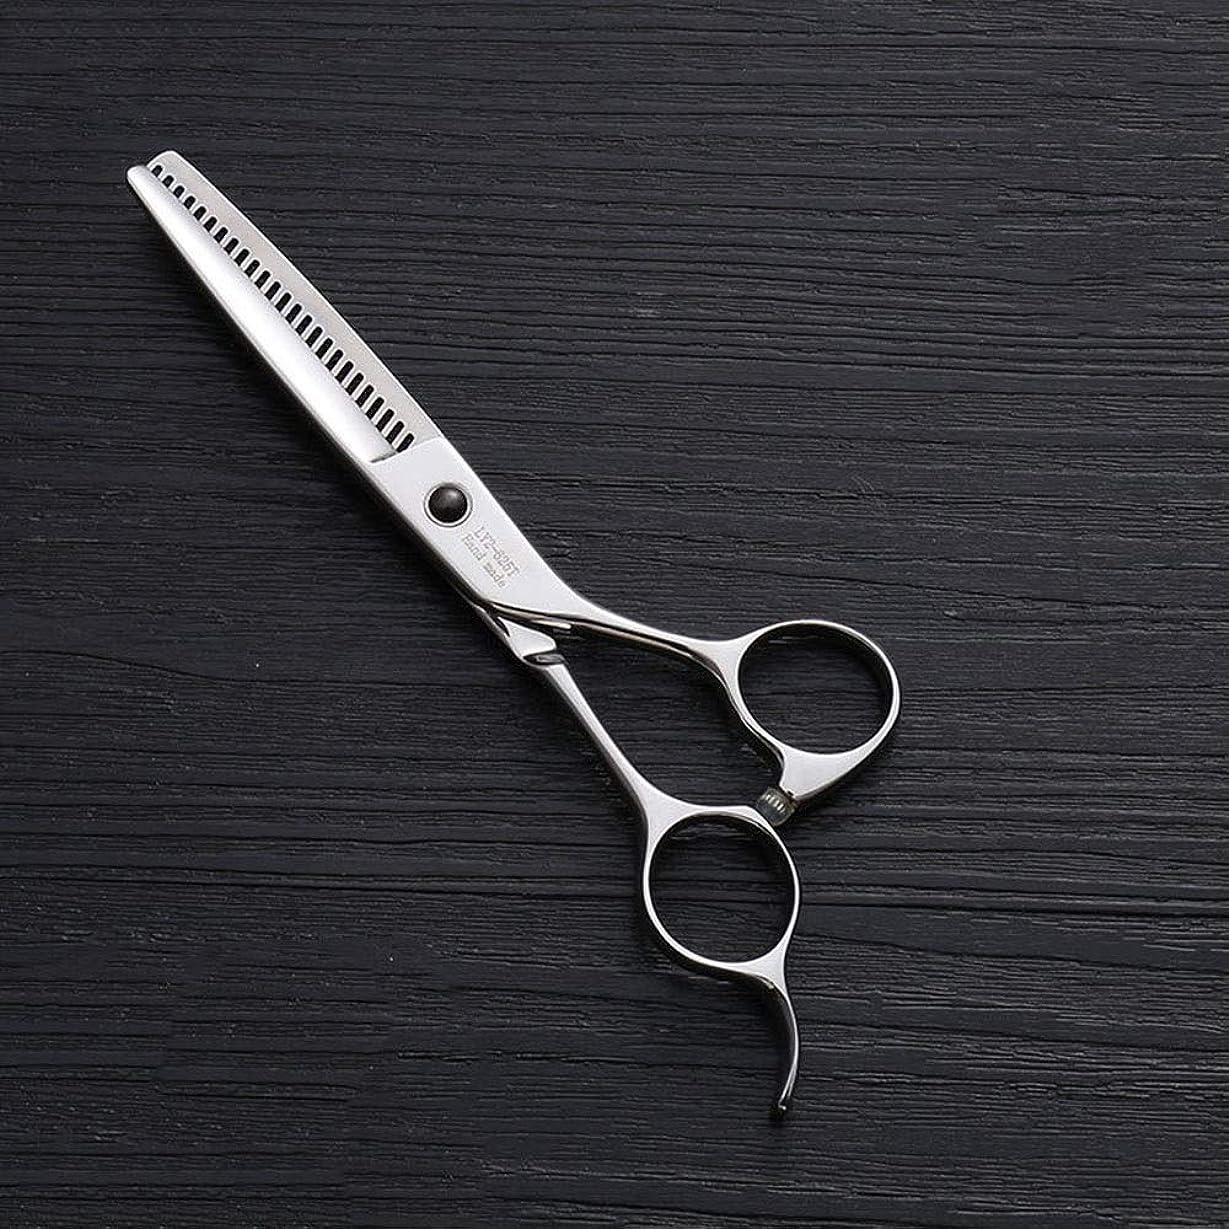 保育園ファンネルウェブスパイダー保険440Cステンレス鋼ハイエンドヘアカットツール、25歯T型6インチ美容院プロフェッショナル理髪はさみ モデリングツール (色 : Silver)